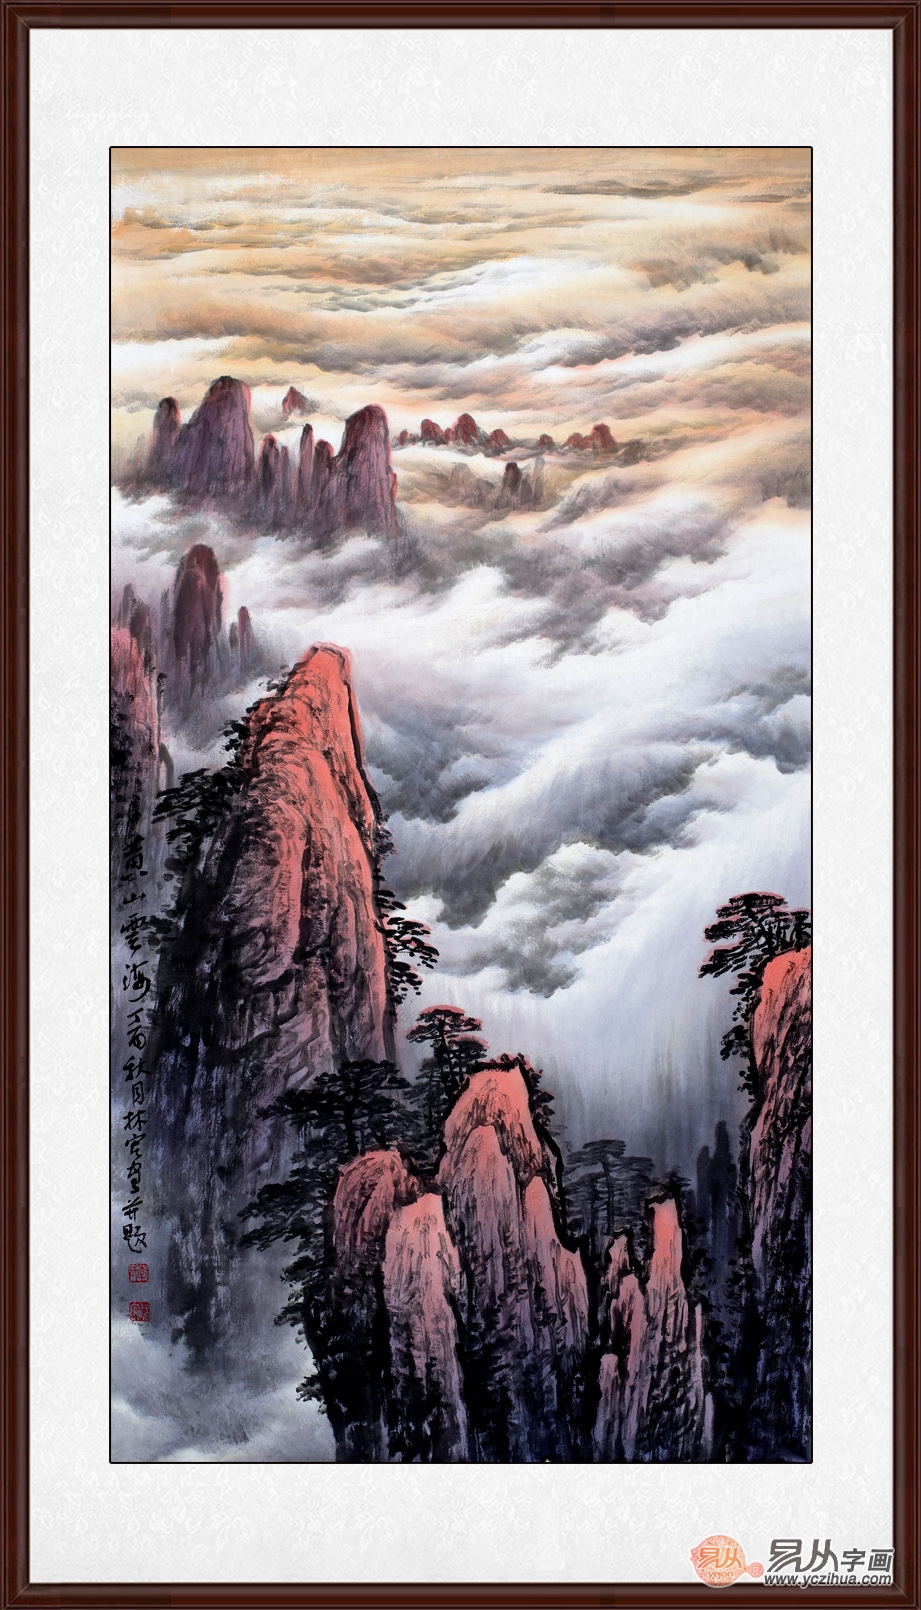 李林宏最新力作竖幅山水画作品《黄山云海》作品来源:易从网